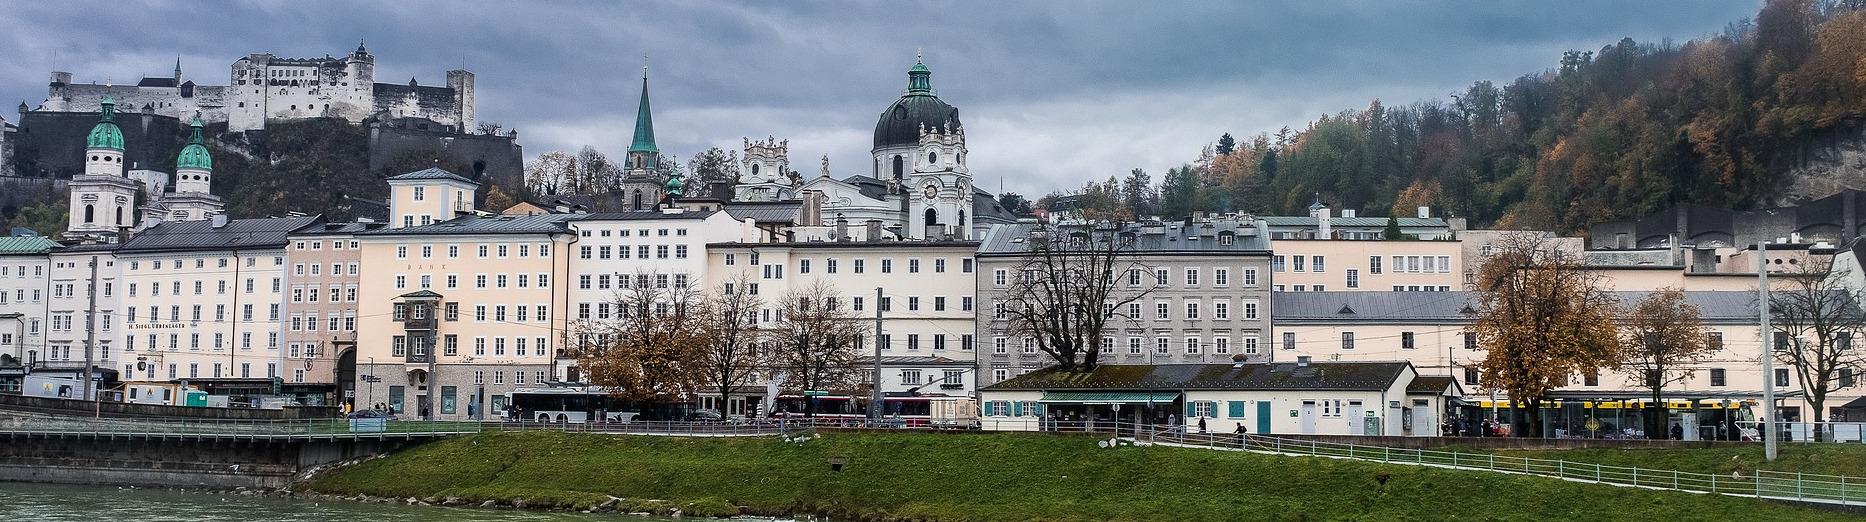 טיול מאורגן בריזהב לזלצבורג והסביבה באוסטריה